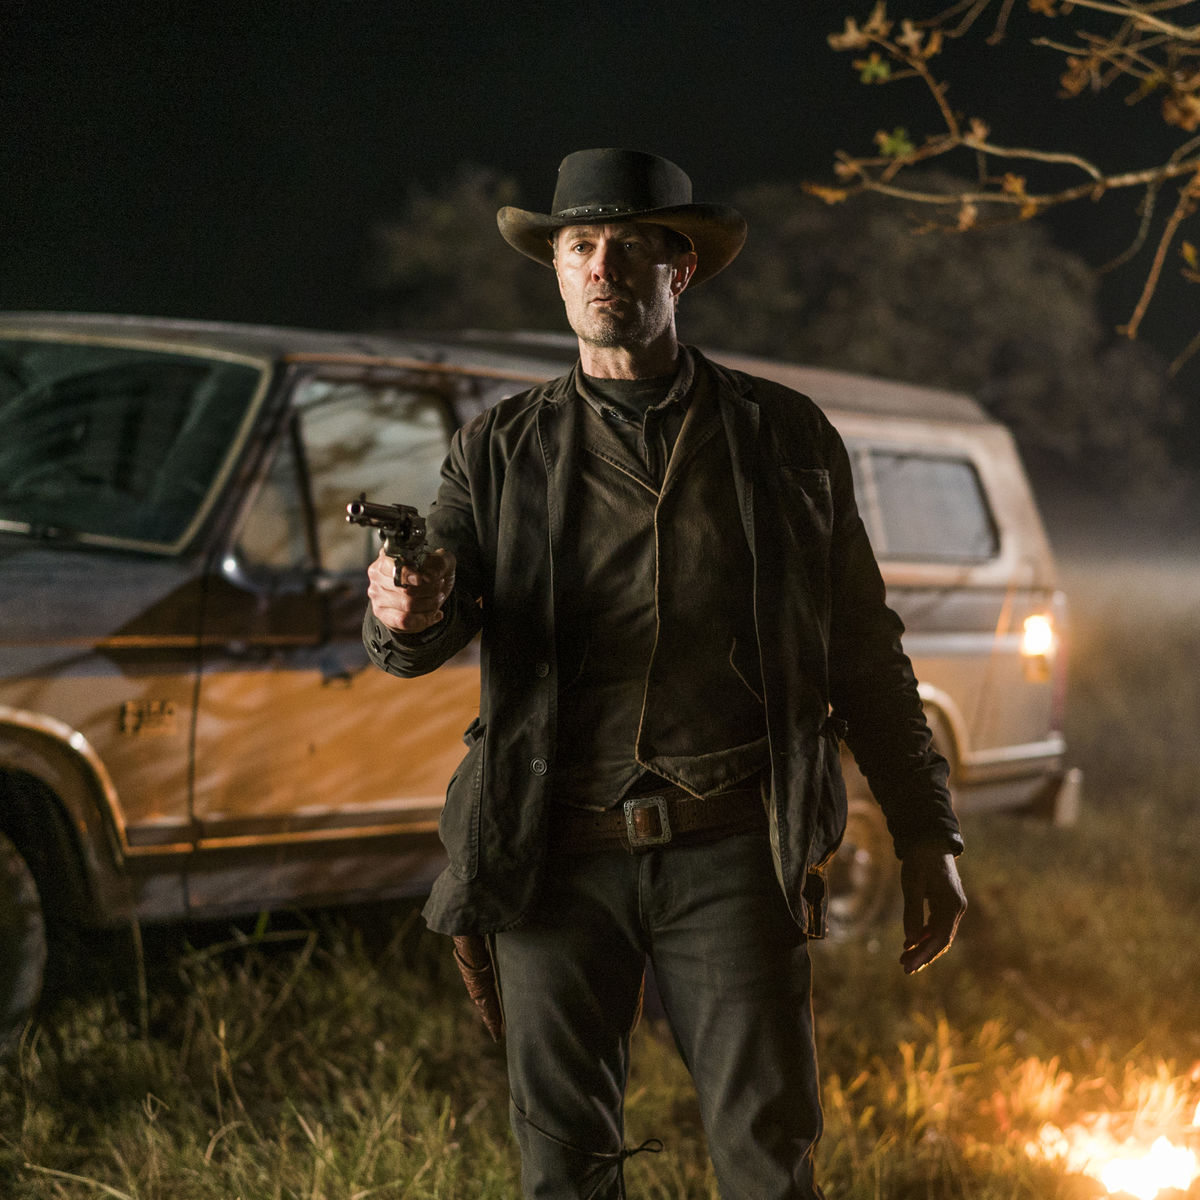 Fear the Walking Dead episode 401 - Garret Dillahunt as John